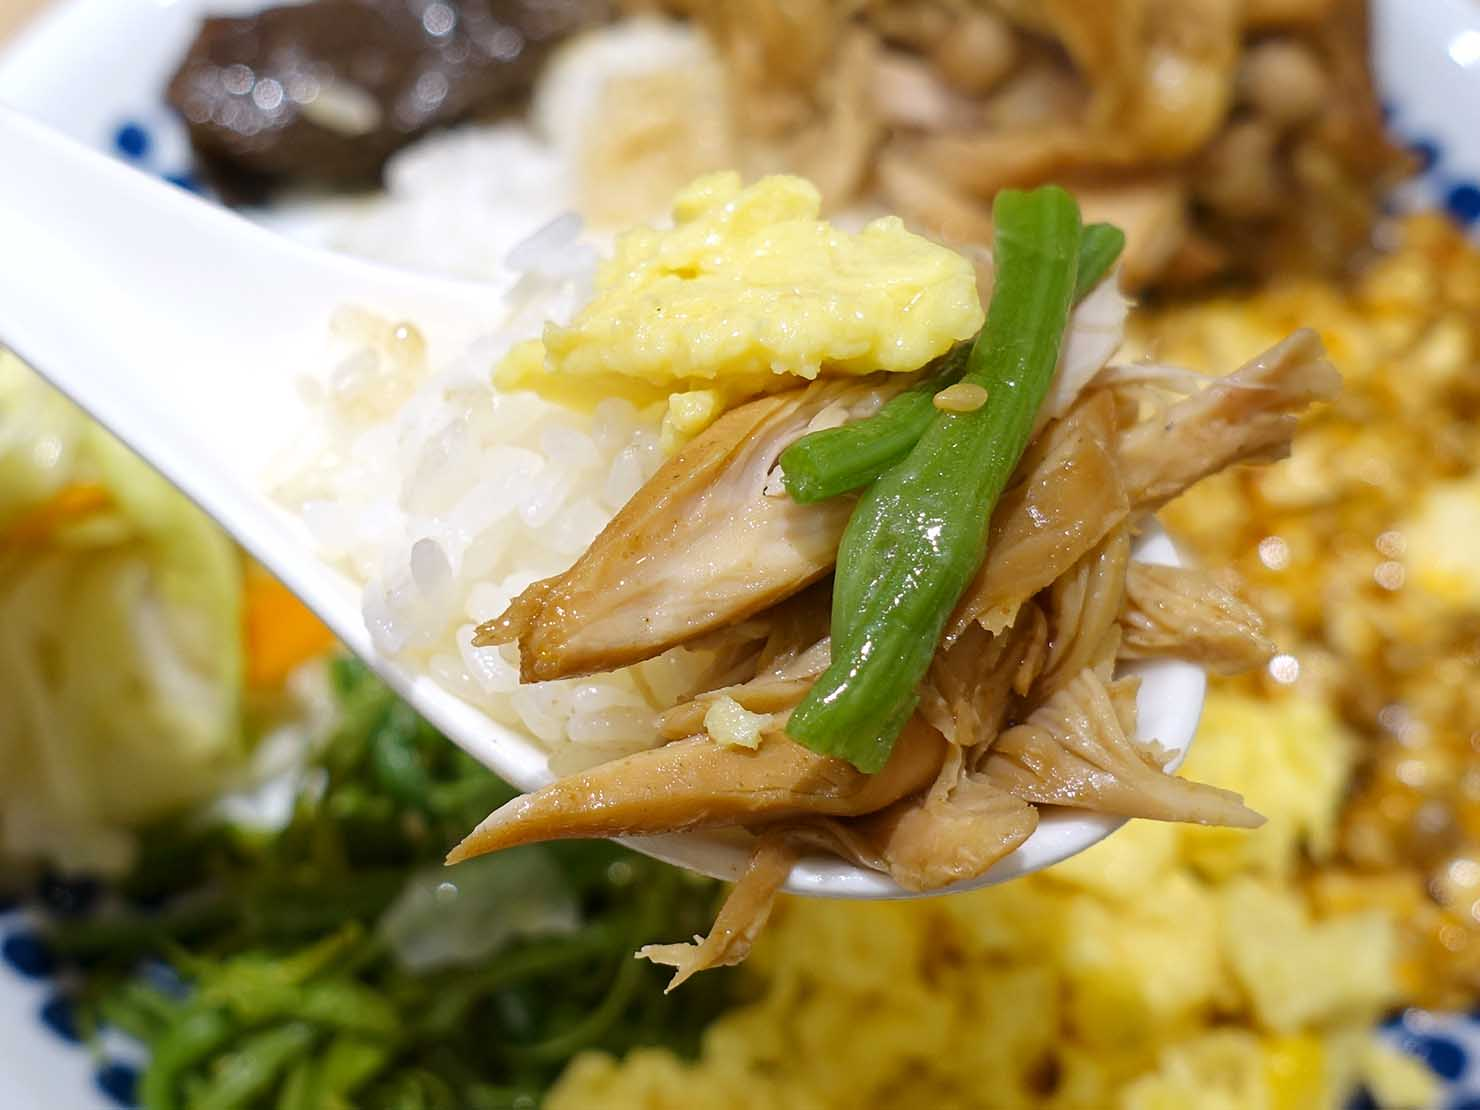 台北・忠孝復興駅(東區)のおすすめグルメ店「今頂小吃」の黃燜雞飯クローズアップ